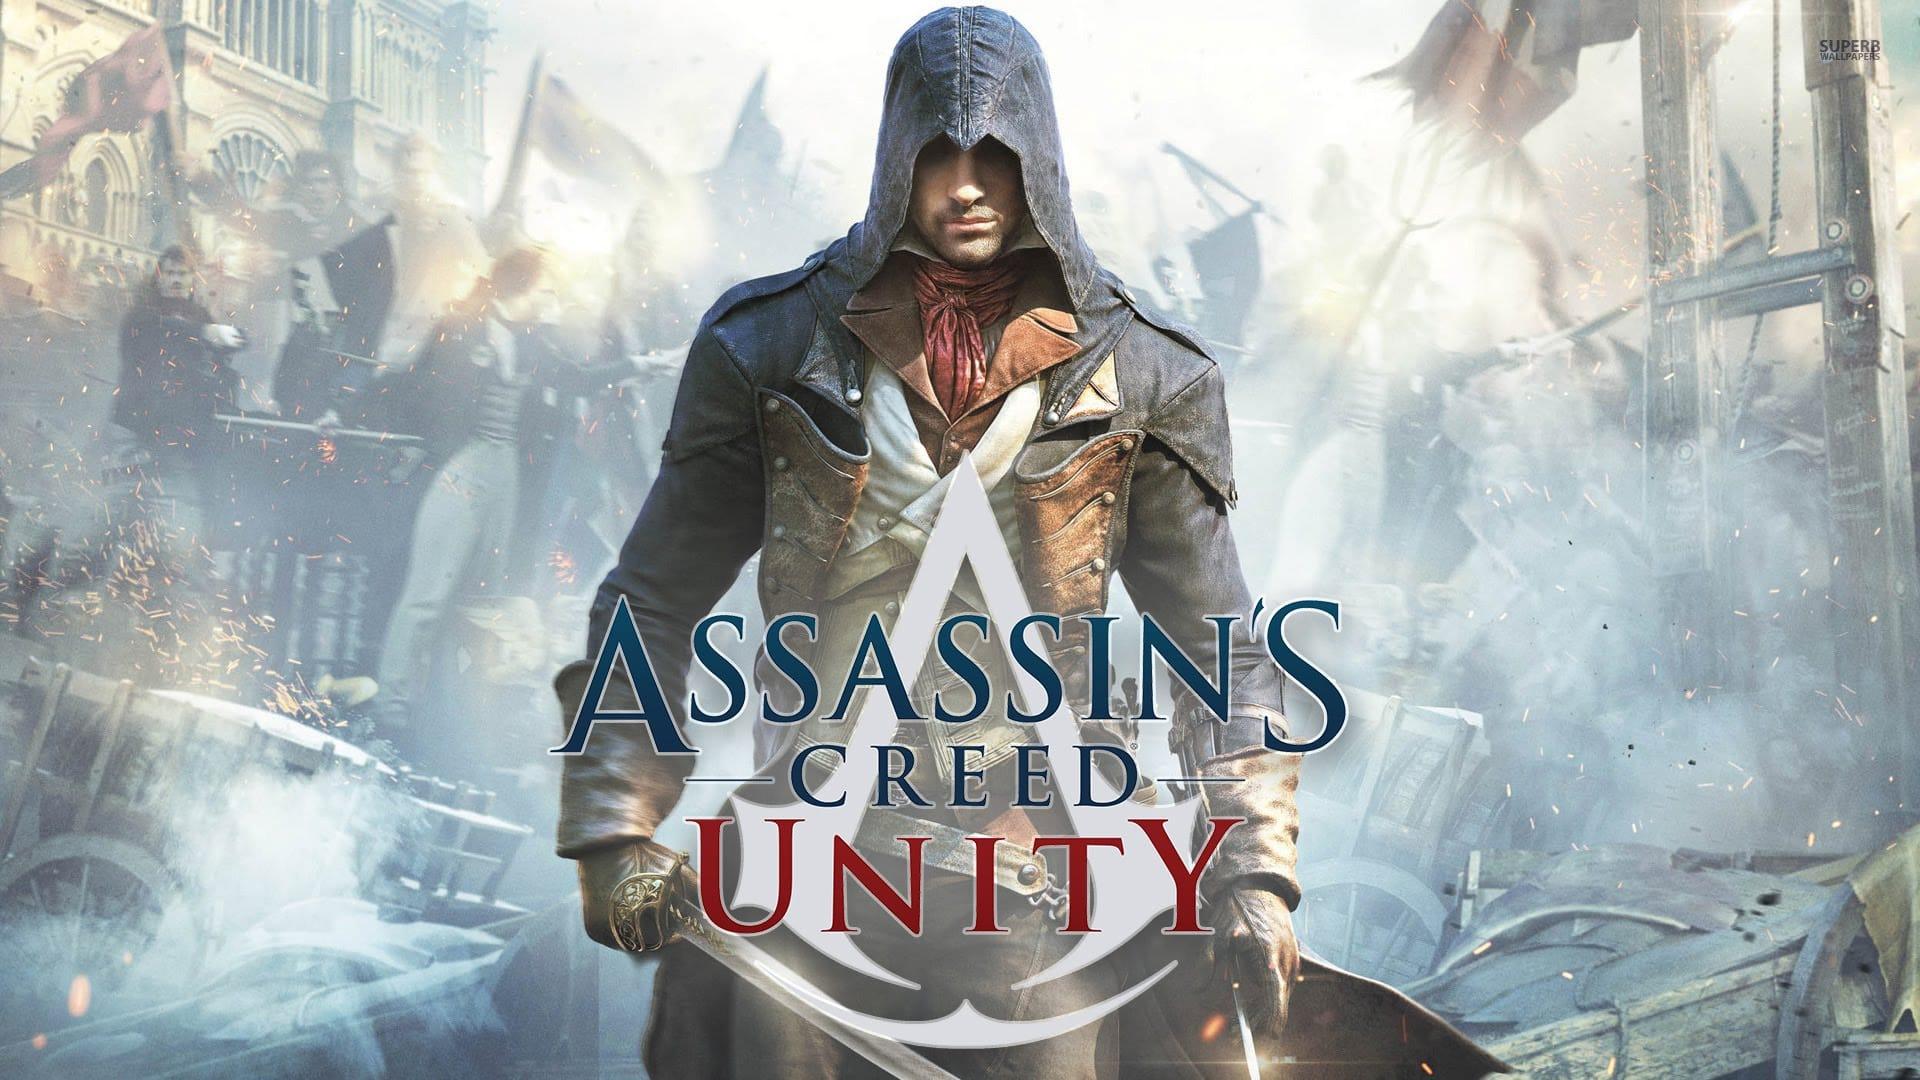 Assassin's Creed: Unity telecharger gratuit de PC et Torrent